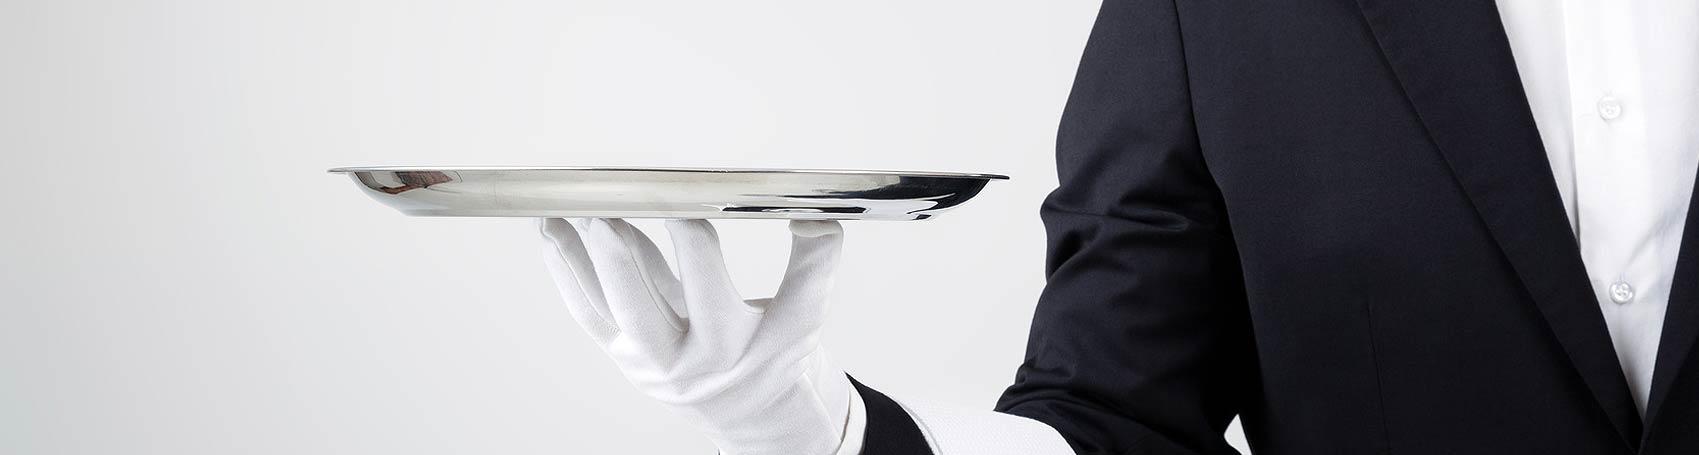 Private butler service in Ibiza. VIP services. Consulting Services Ibiza